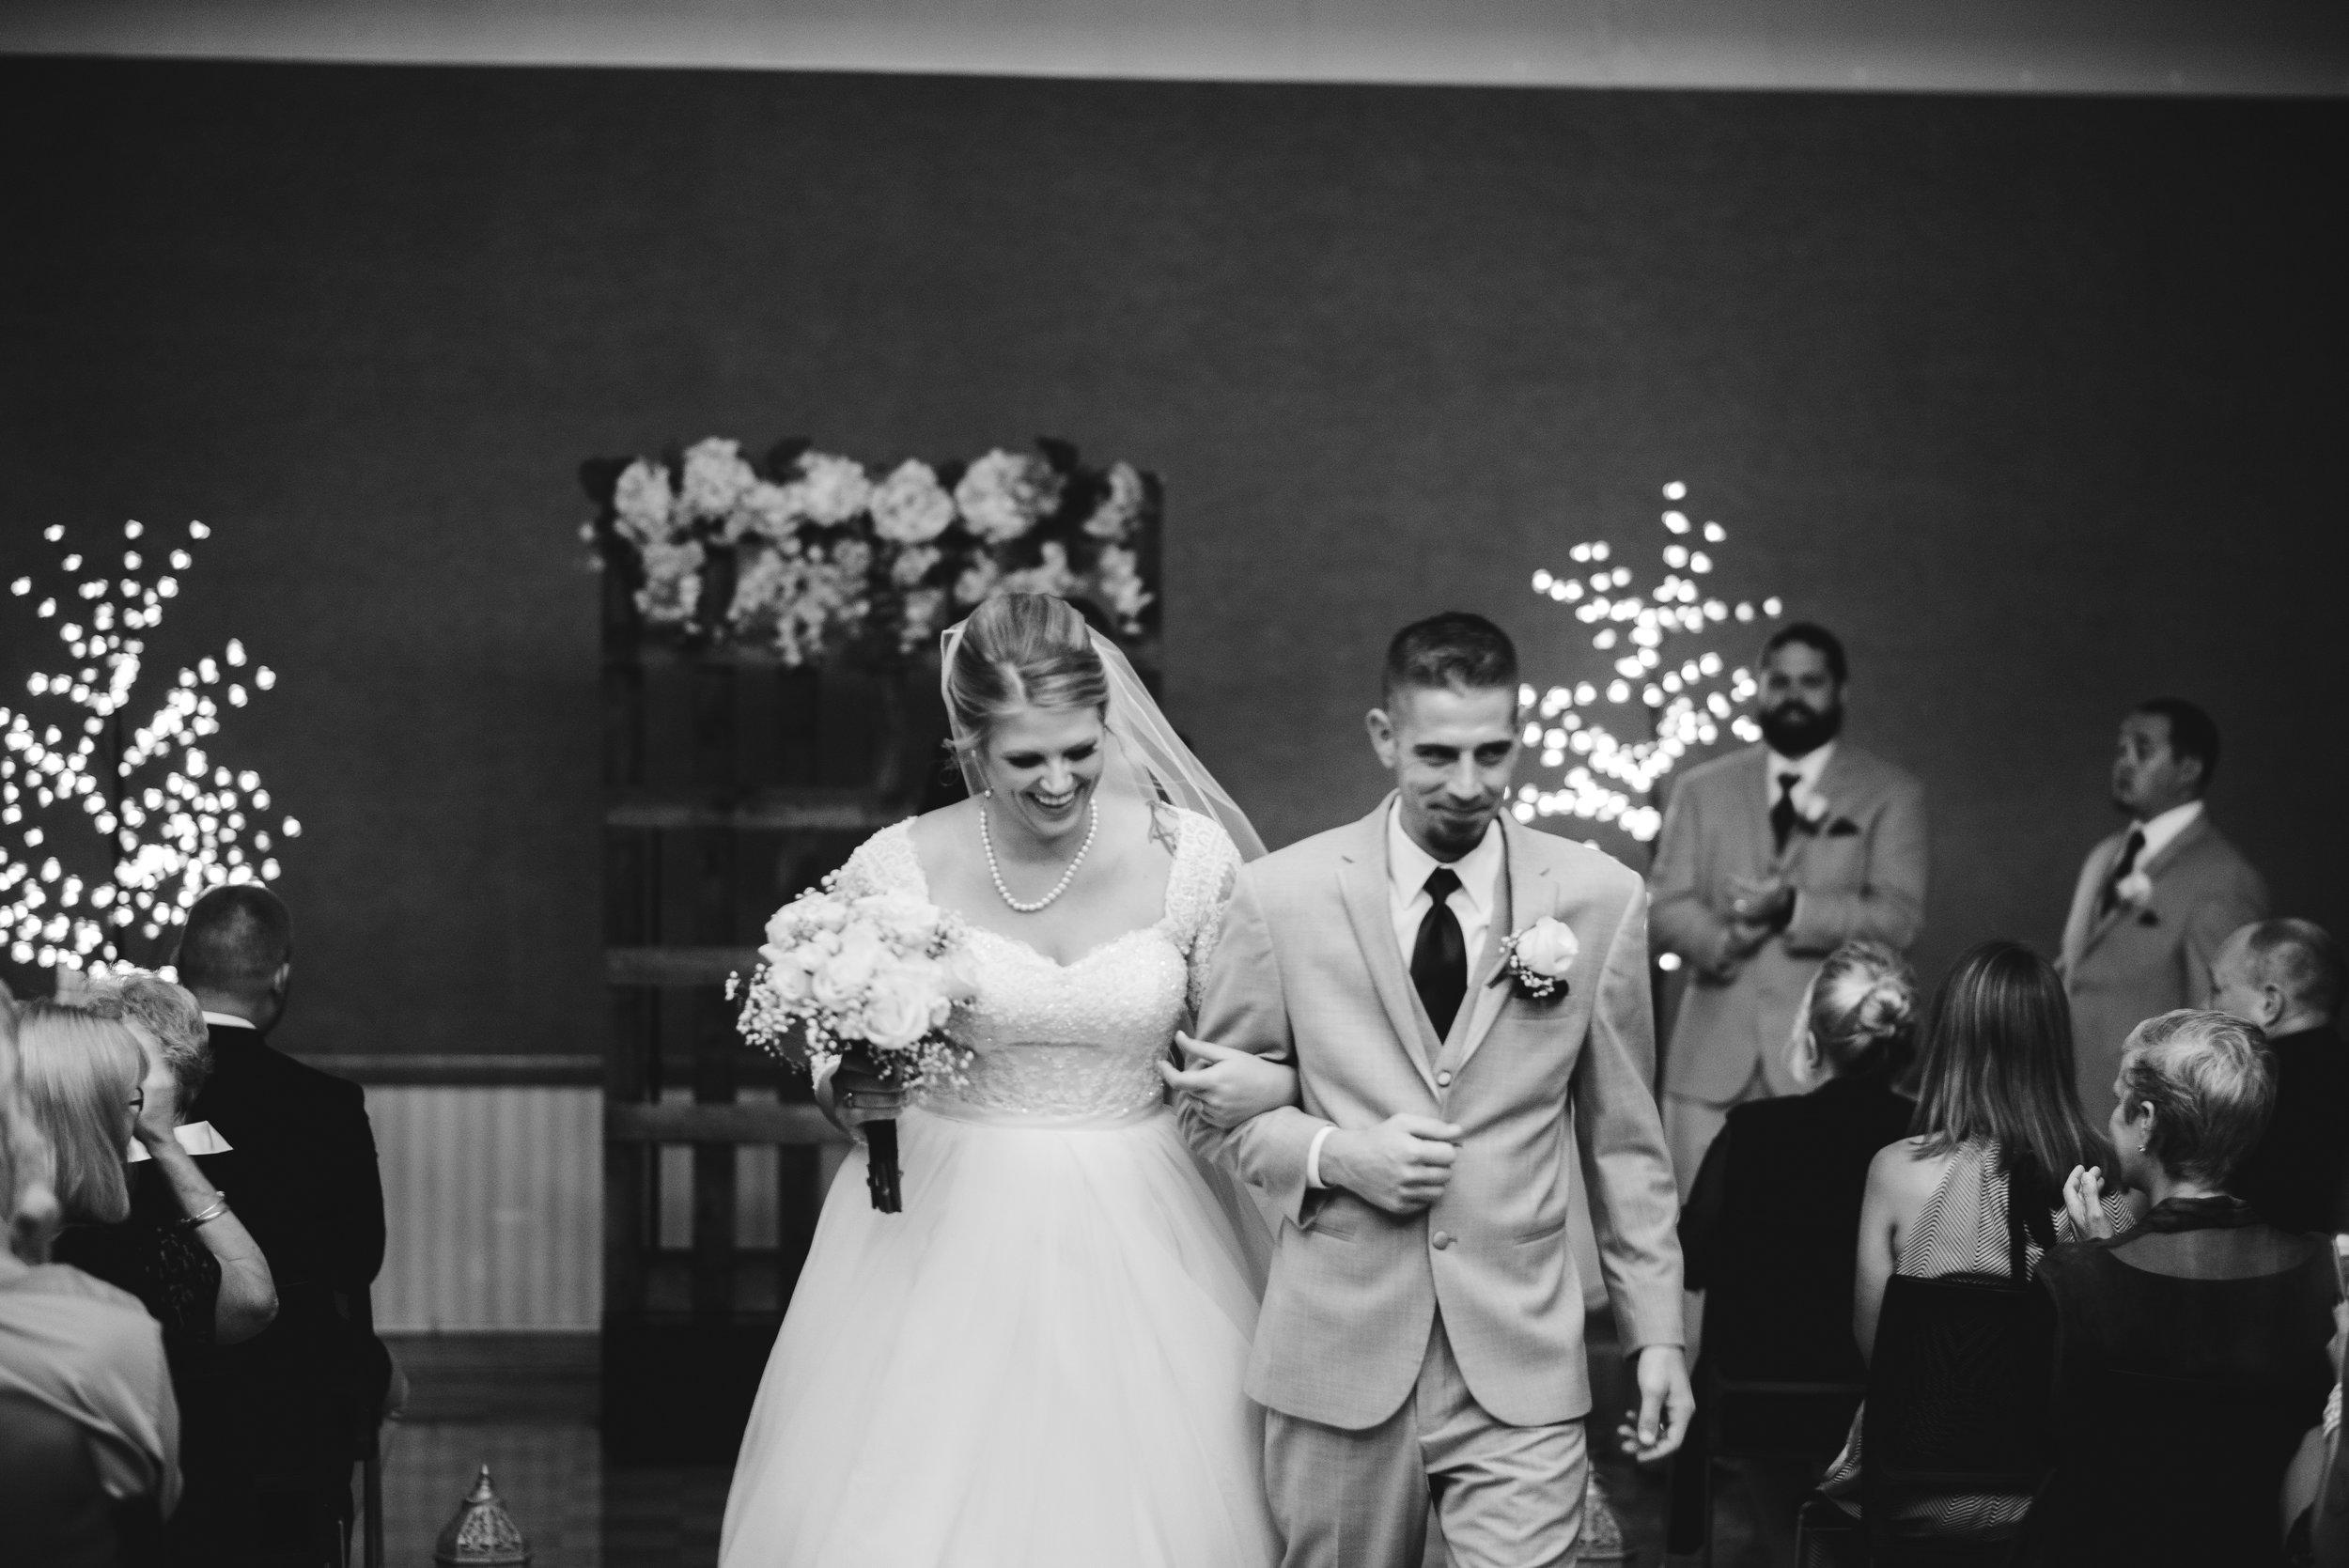 King-Northern-Illinois-University-Wedding080.jpg